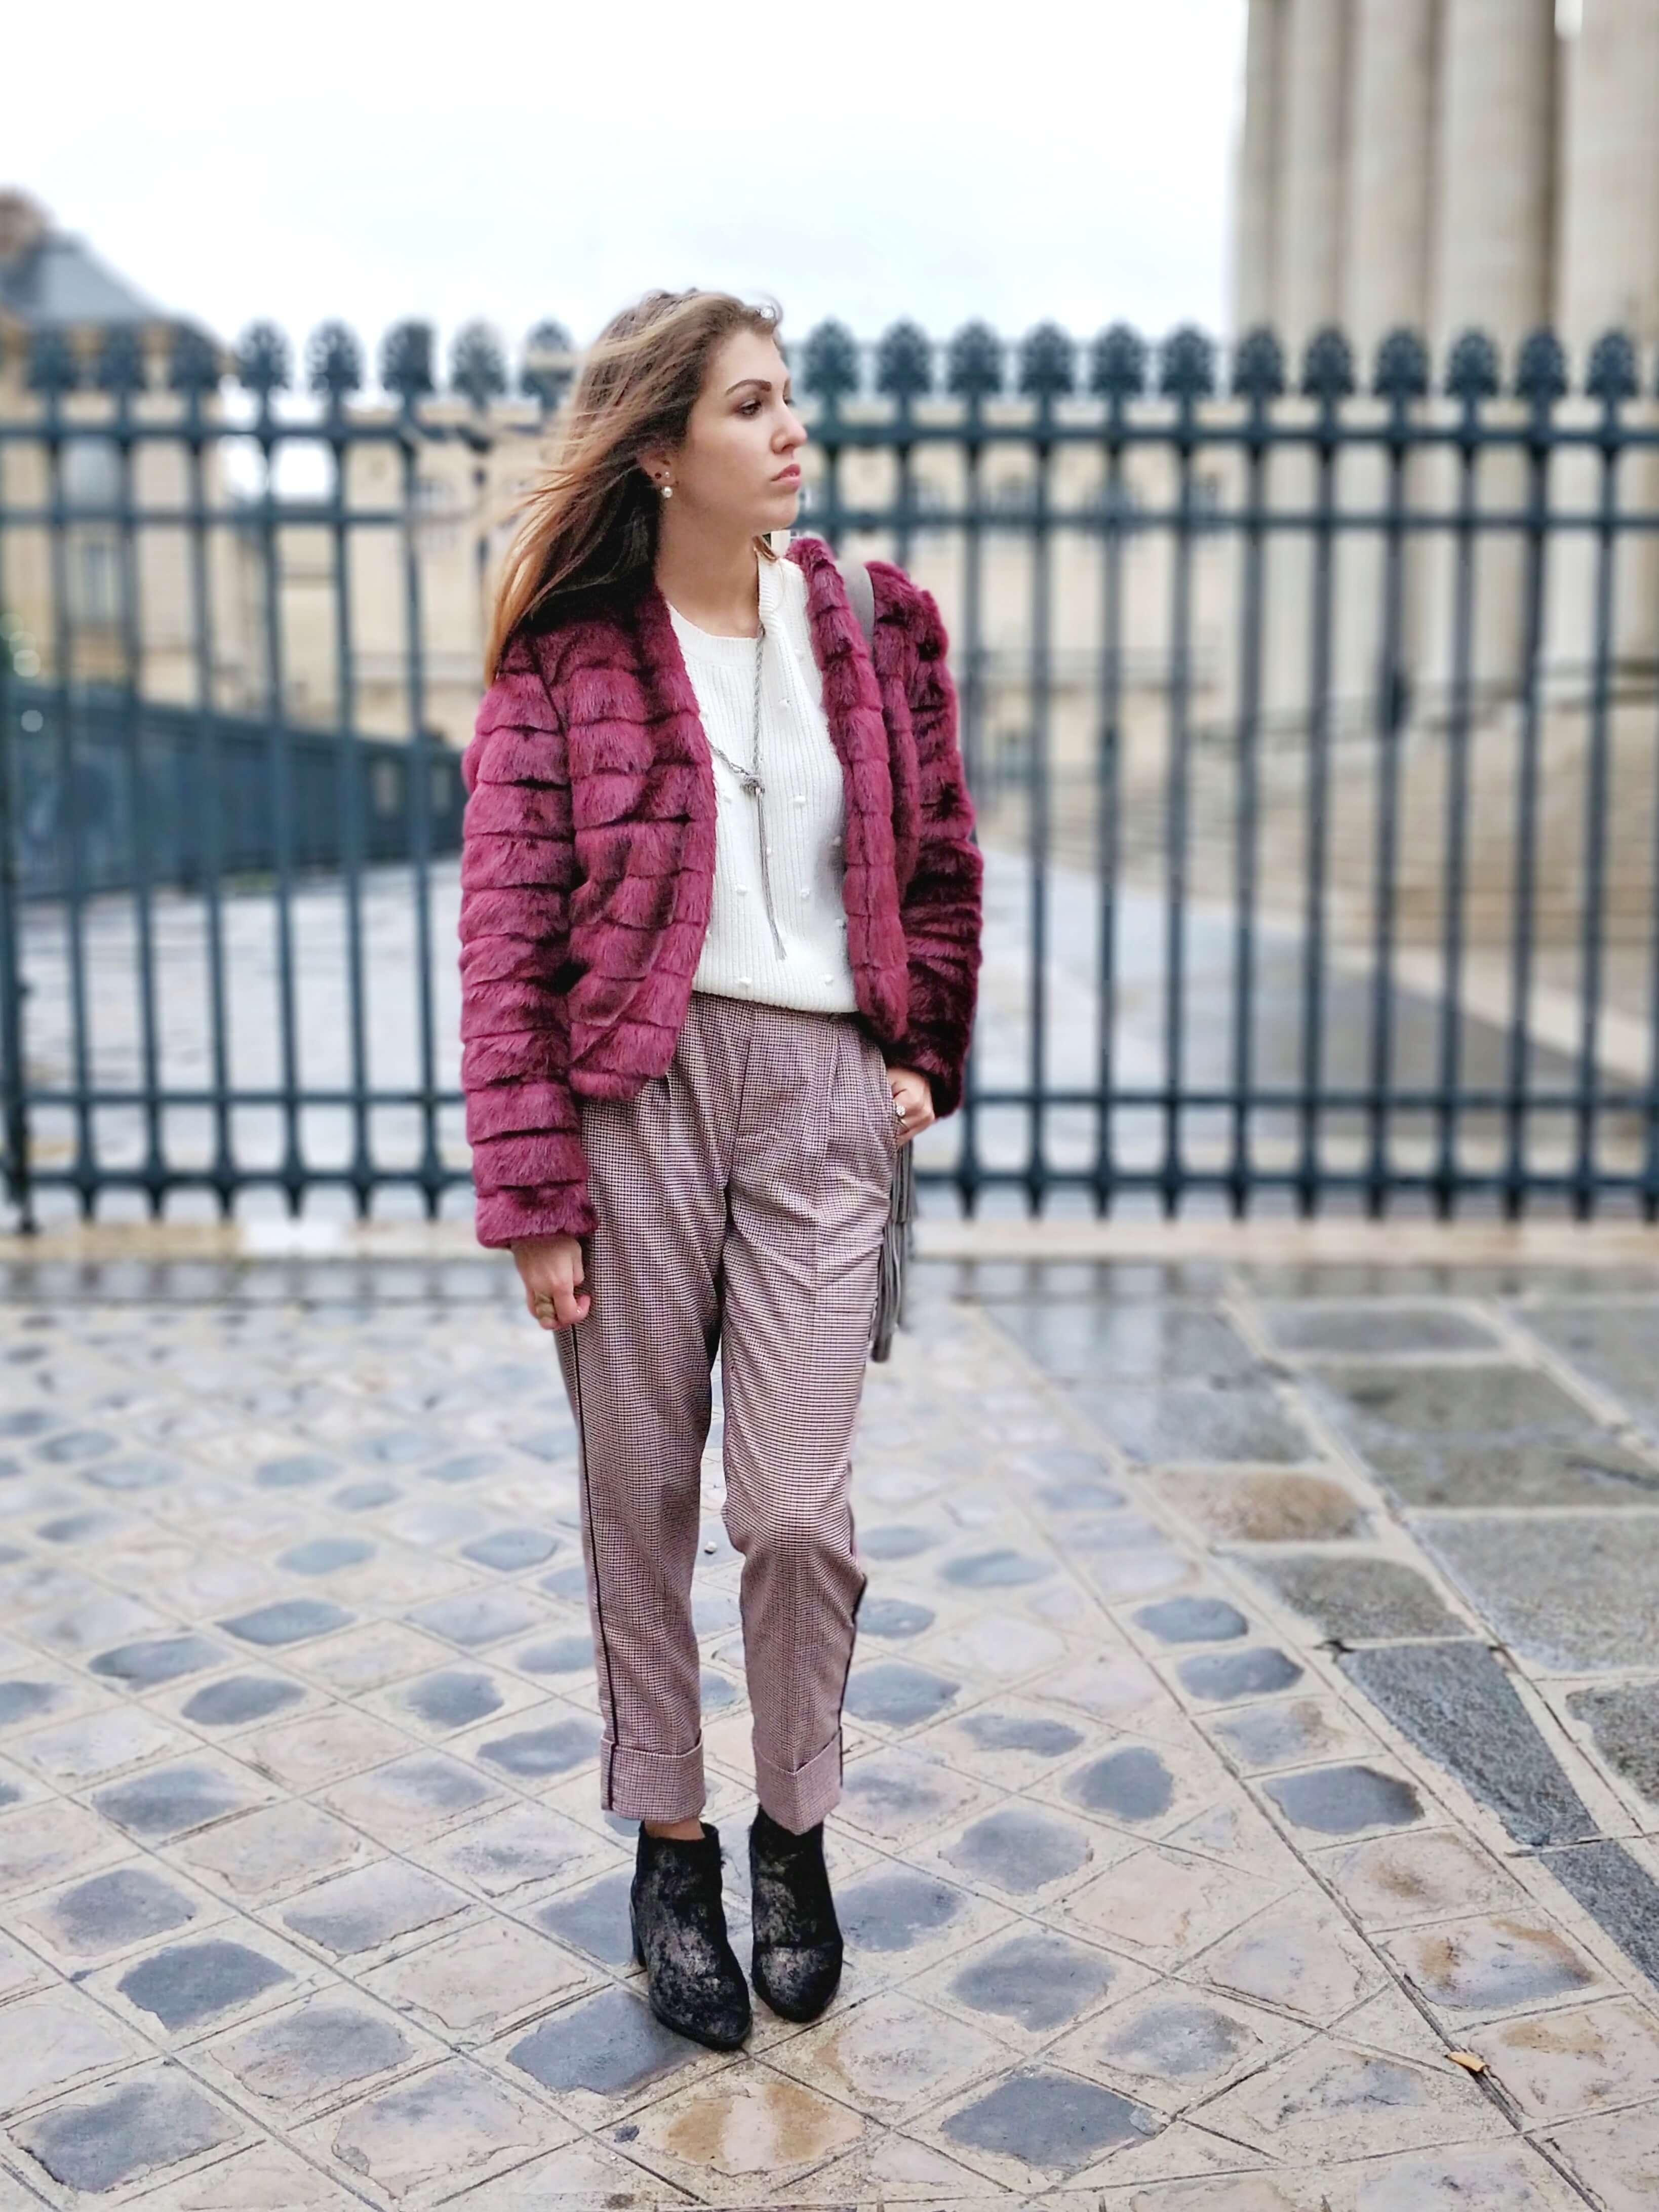 blog 19 janvier tenue hiver veste fourrure - L'hiver en fausse fourrure